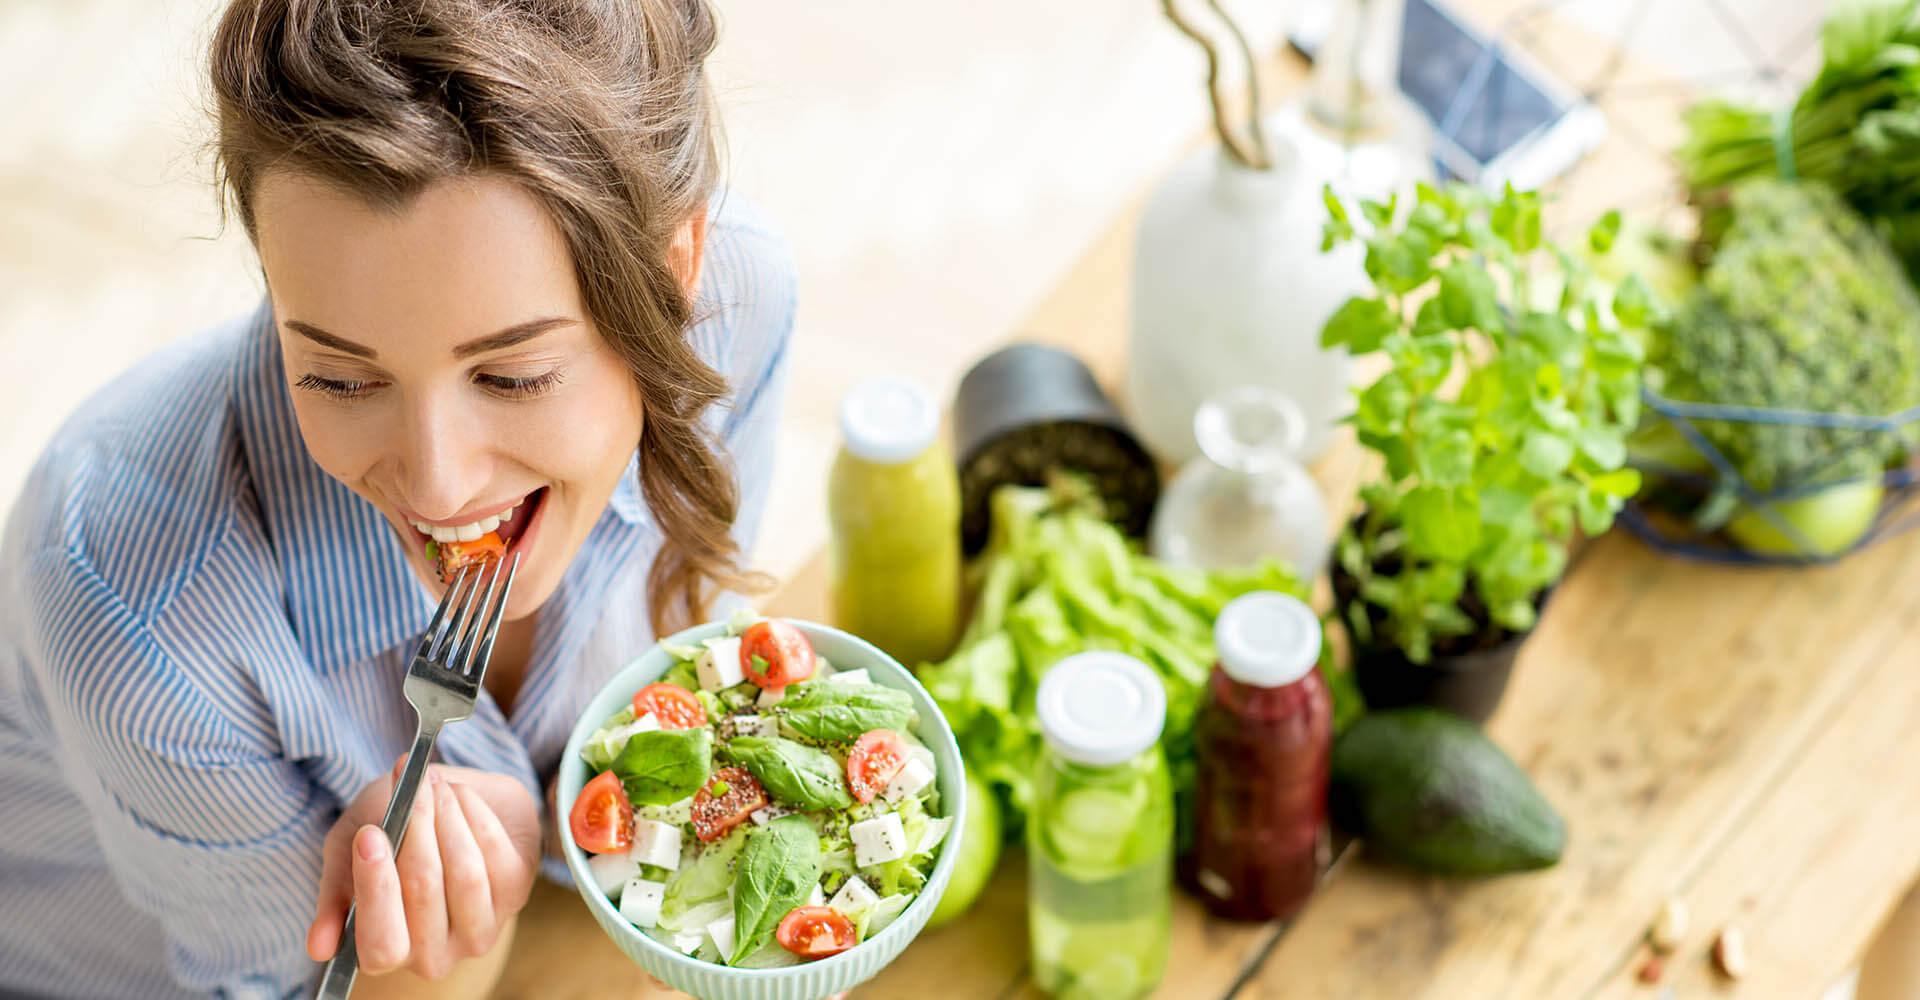 Frau isst eine Schüssel Salat, den sie sich offenbar selbst zubereitet hat